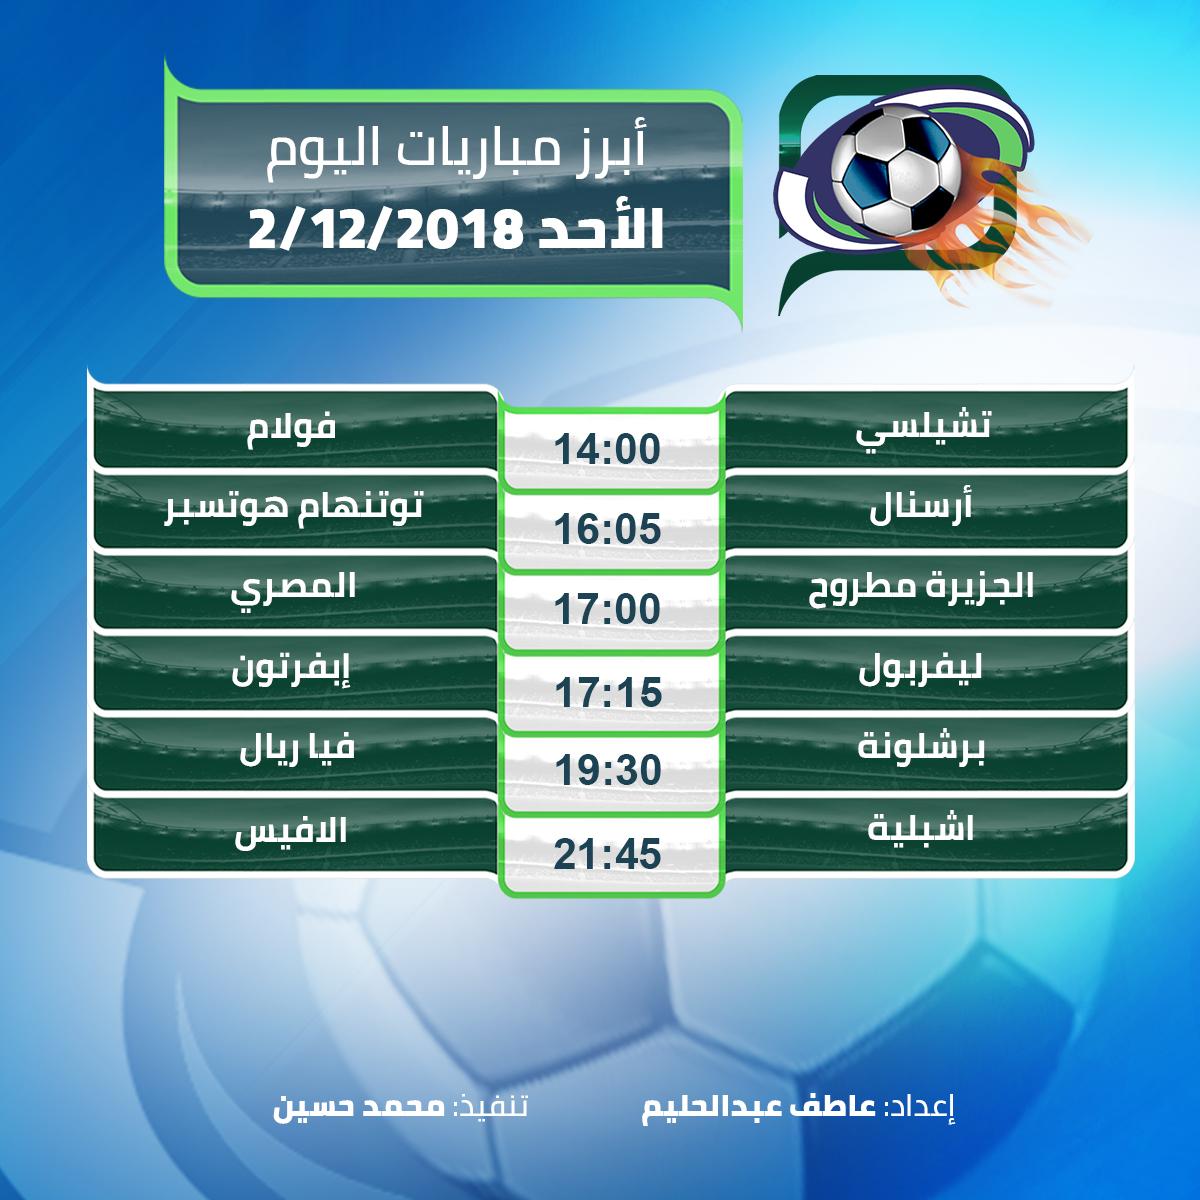 أبرز مباريات اليوم الأحد 02/12/2018